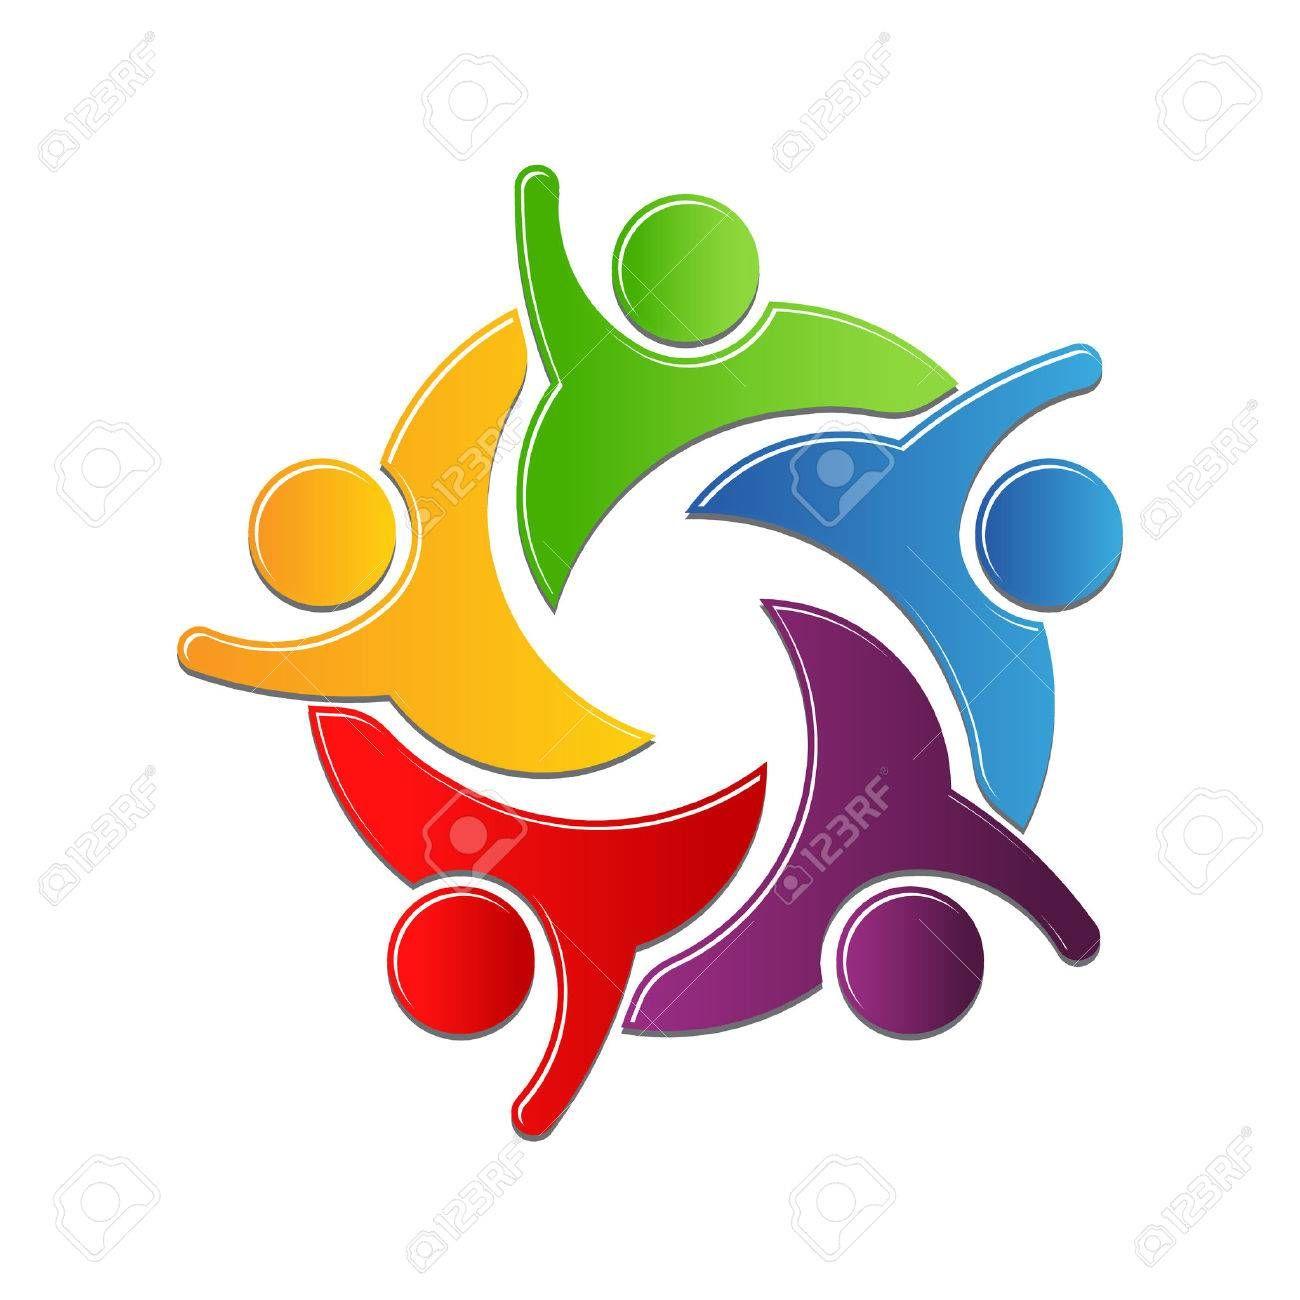 Stock Vector Circle logo design, Logos design, People logo